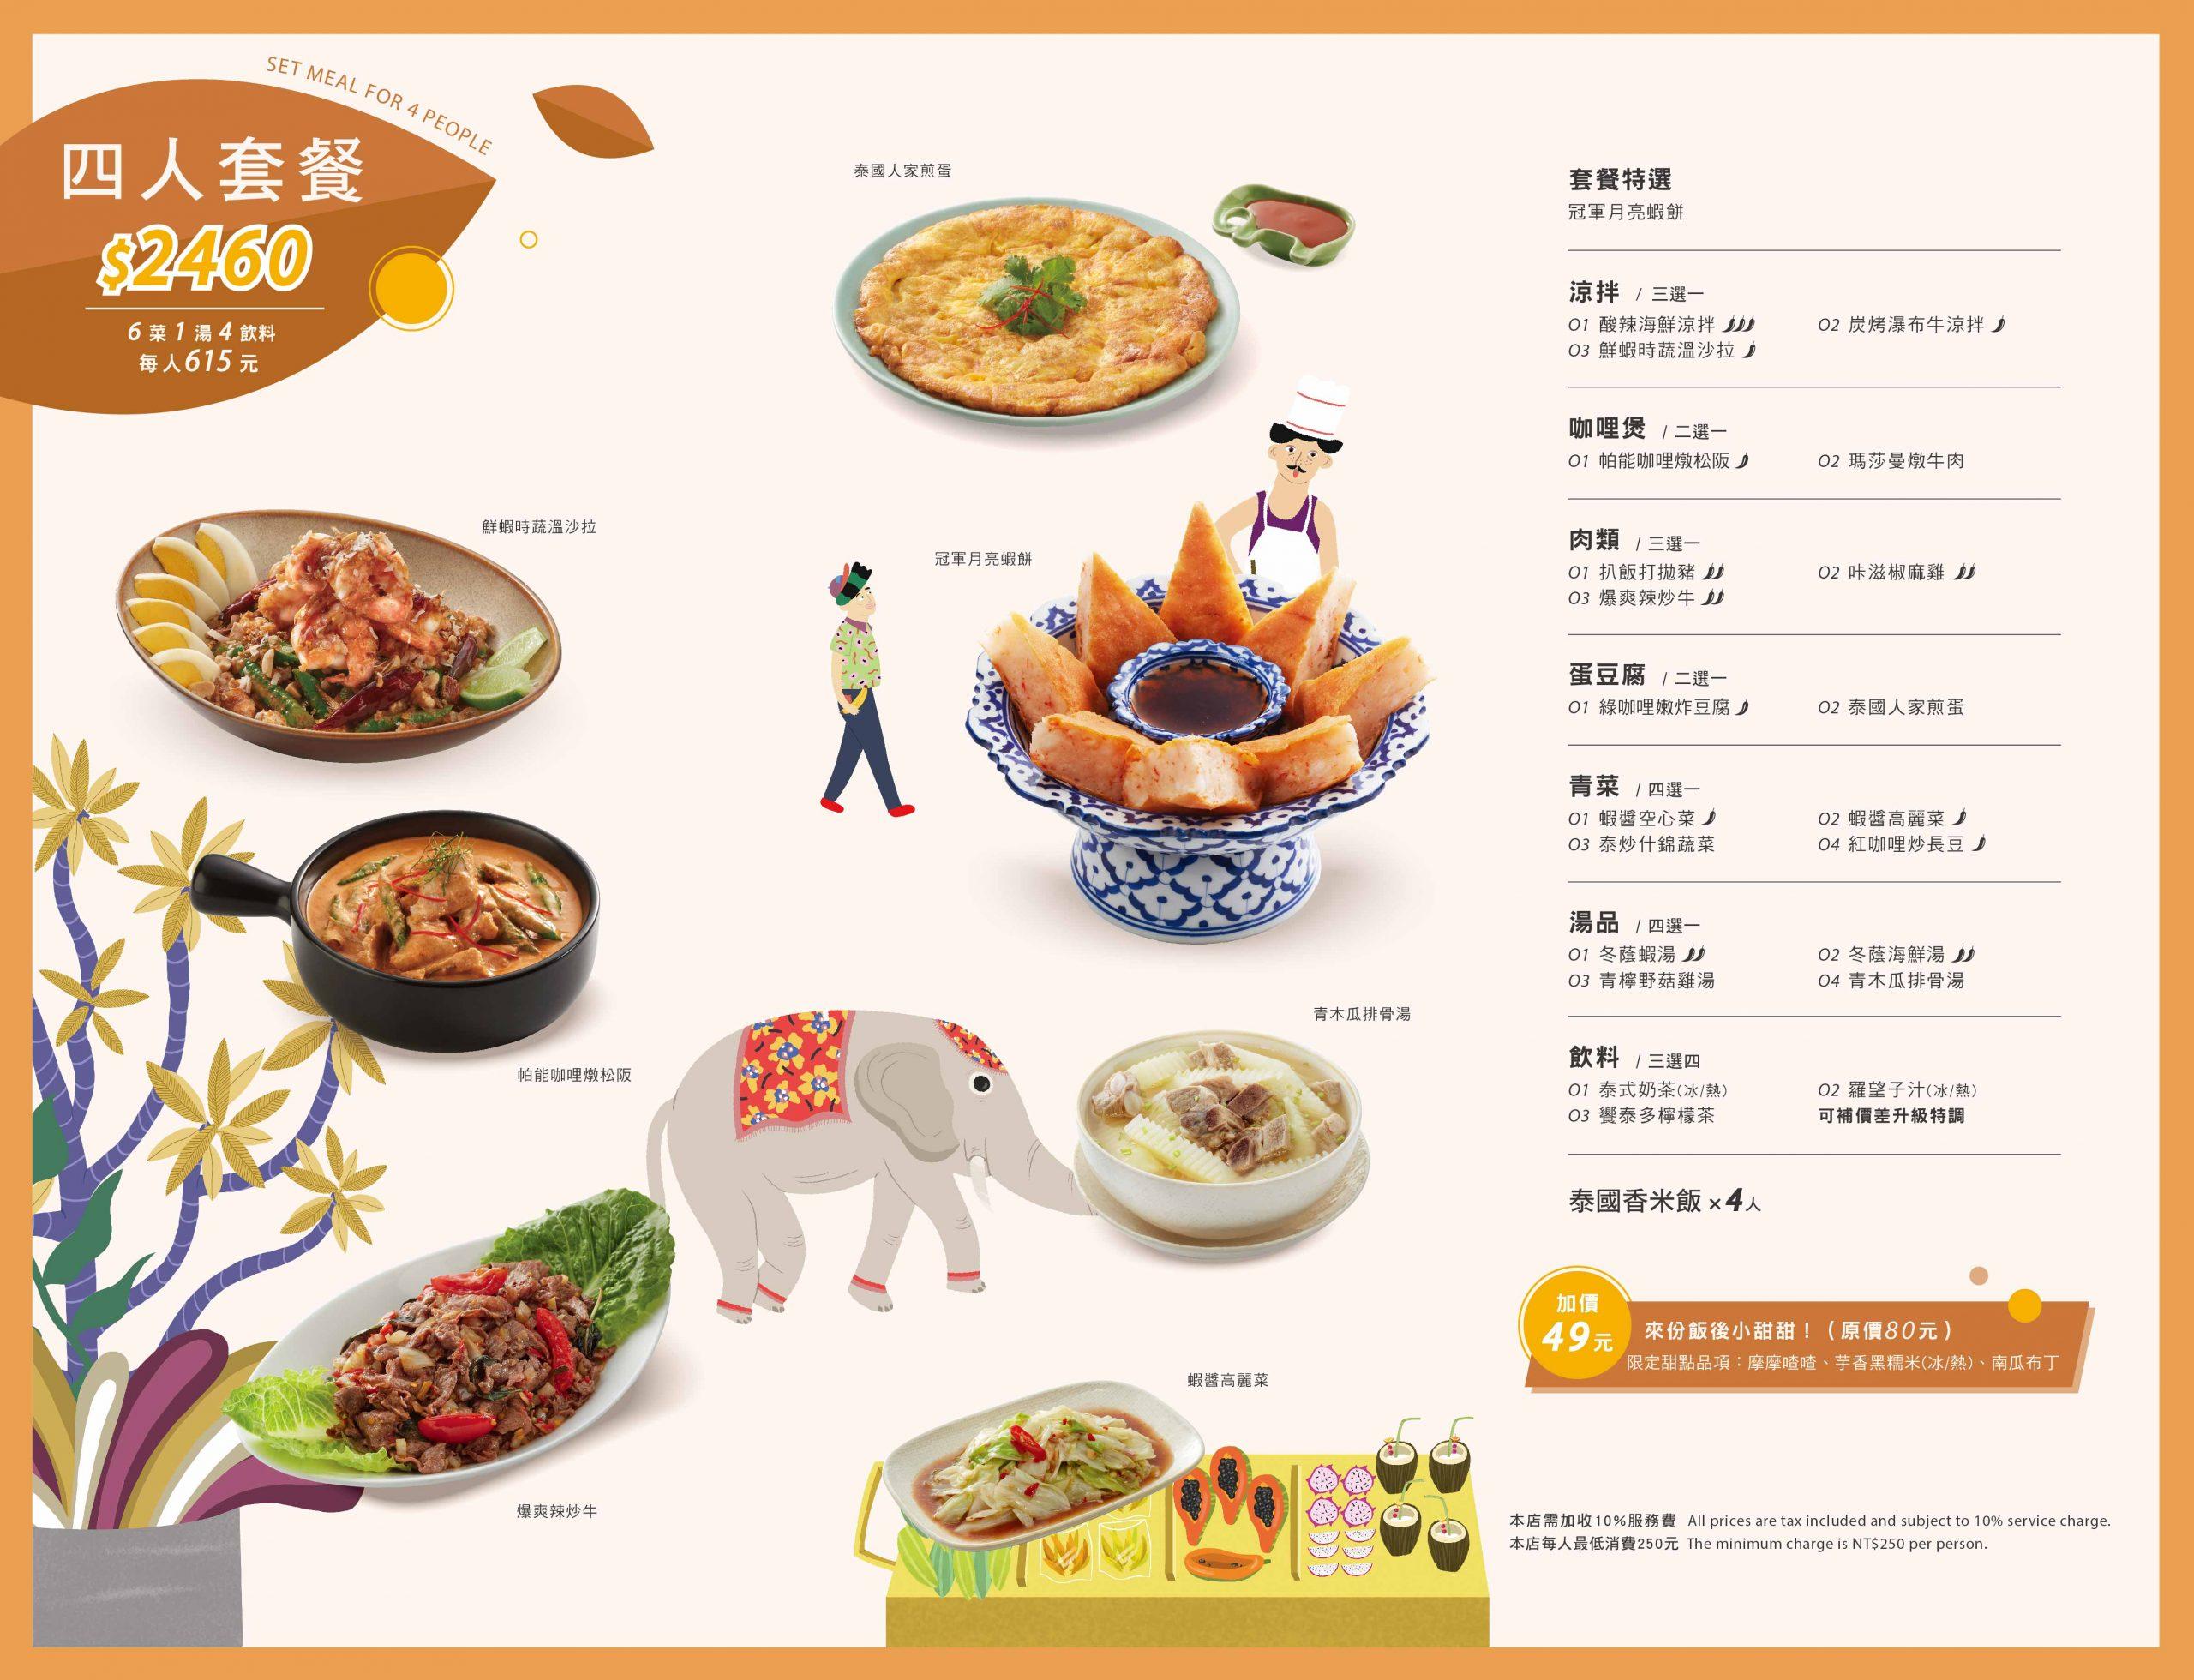 [桃園美食]饗泰多泰式餐廳桃園統領店(附完整菜單)/50多道單點菜色及套餐選擇/全台最狂2公分厚月亮蝦餅